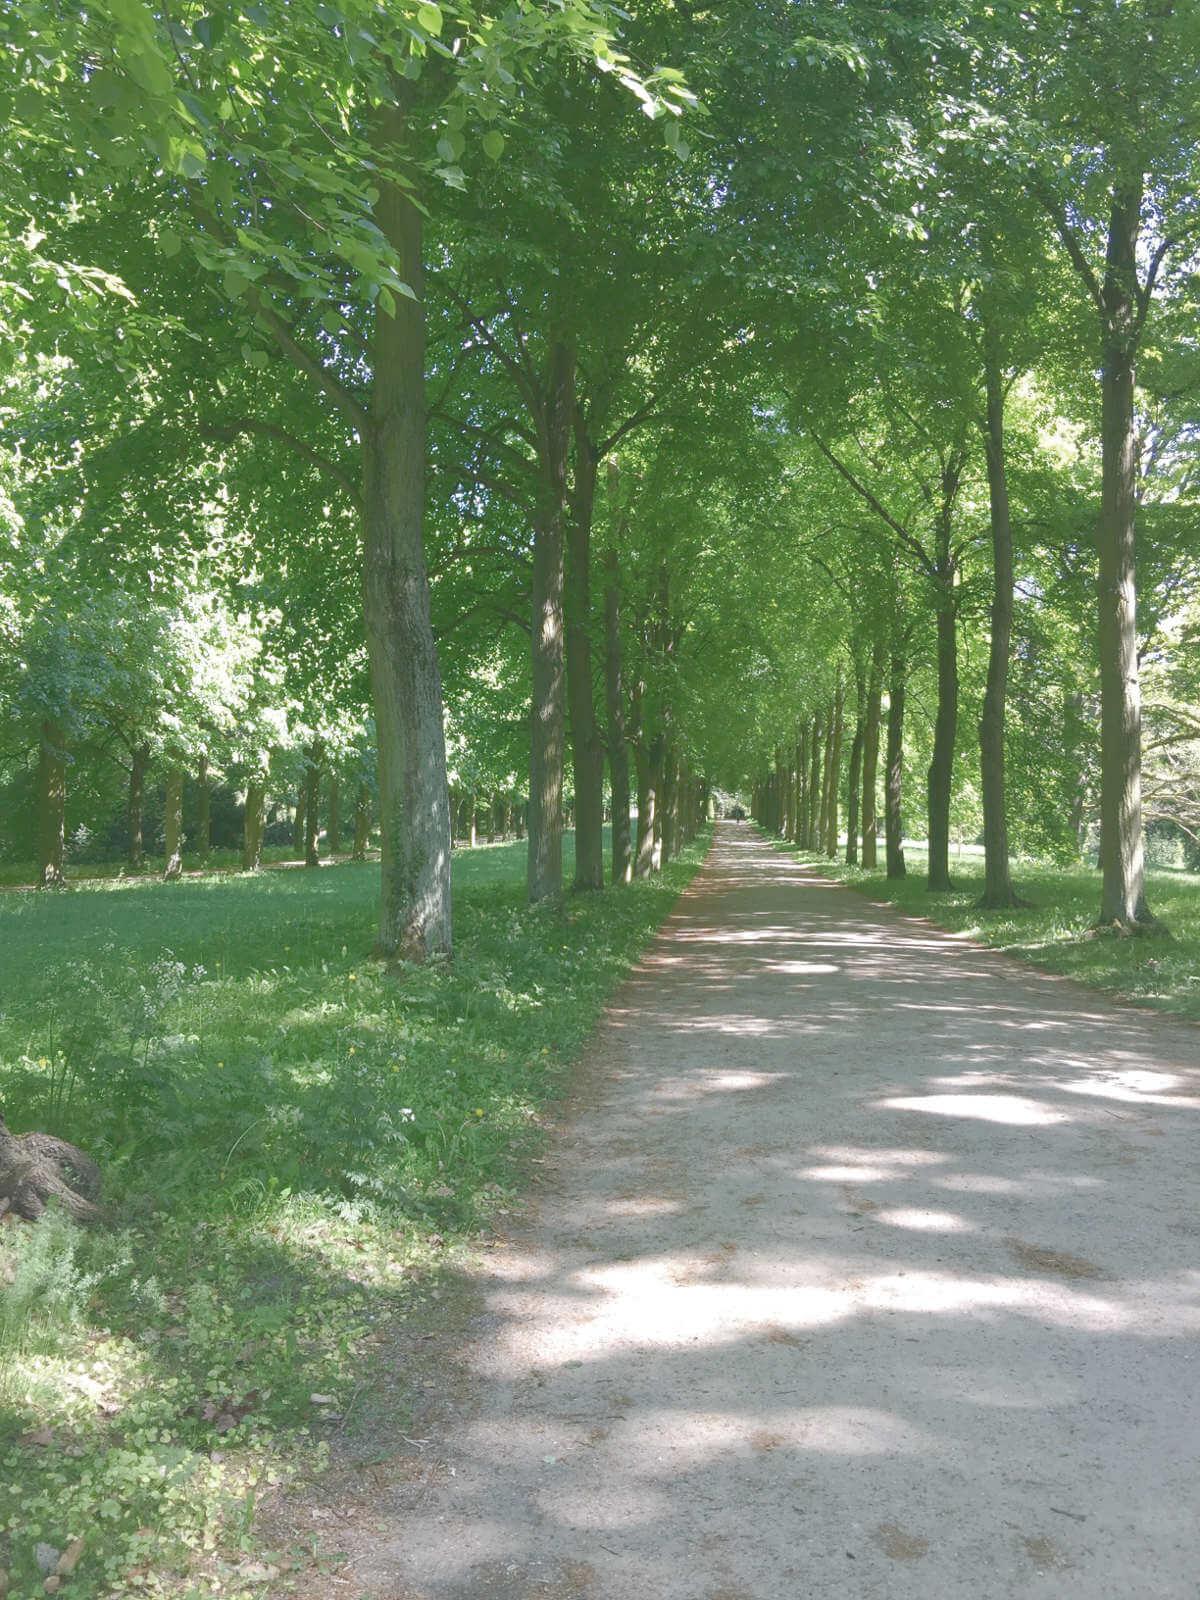 Allee mit Bäumen gezäunt im Park Sanssouci in Potsdam, Brandenburg